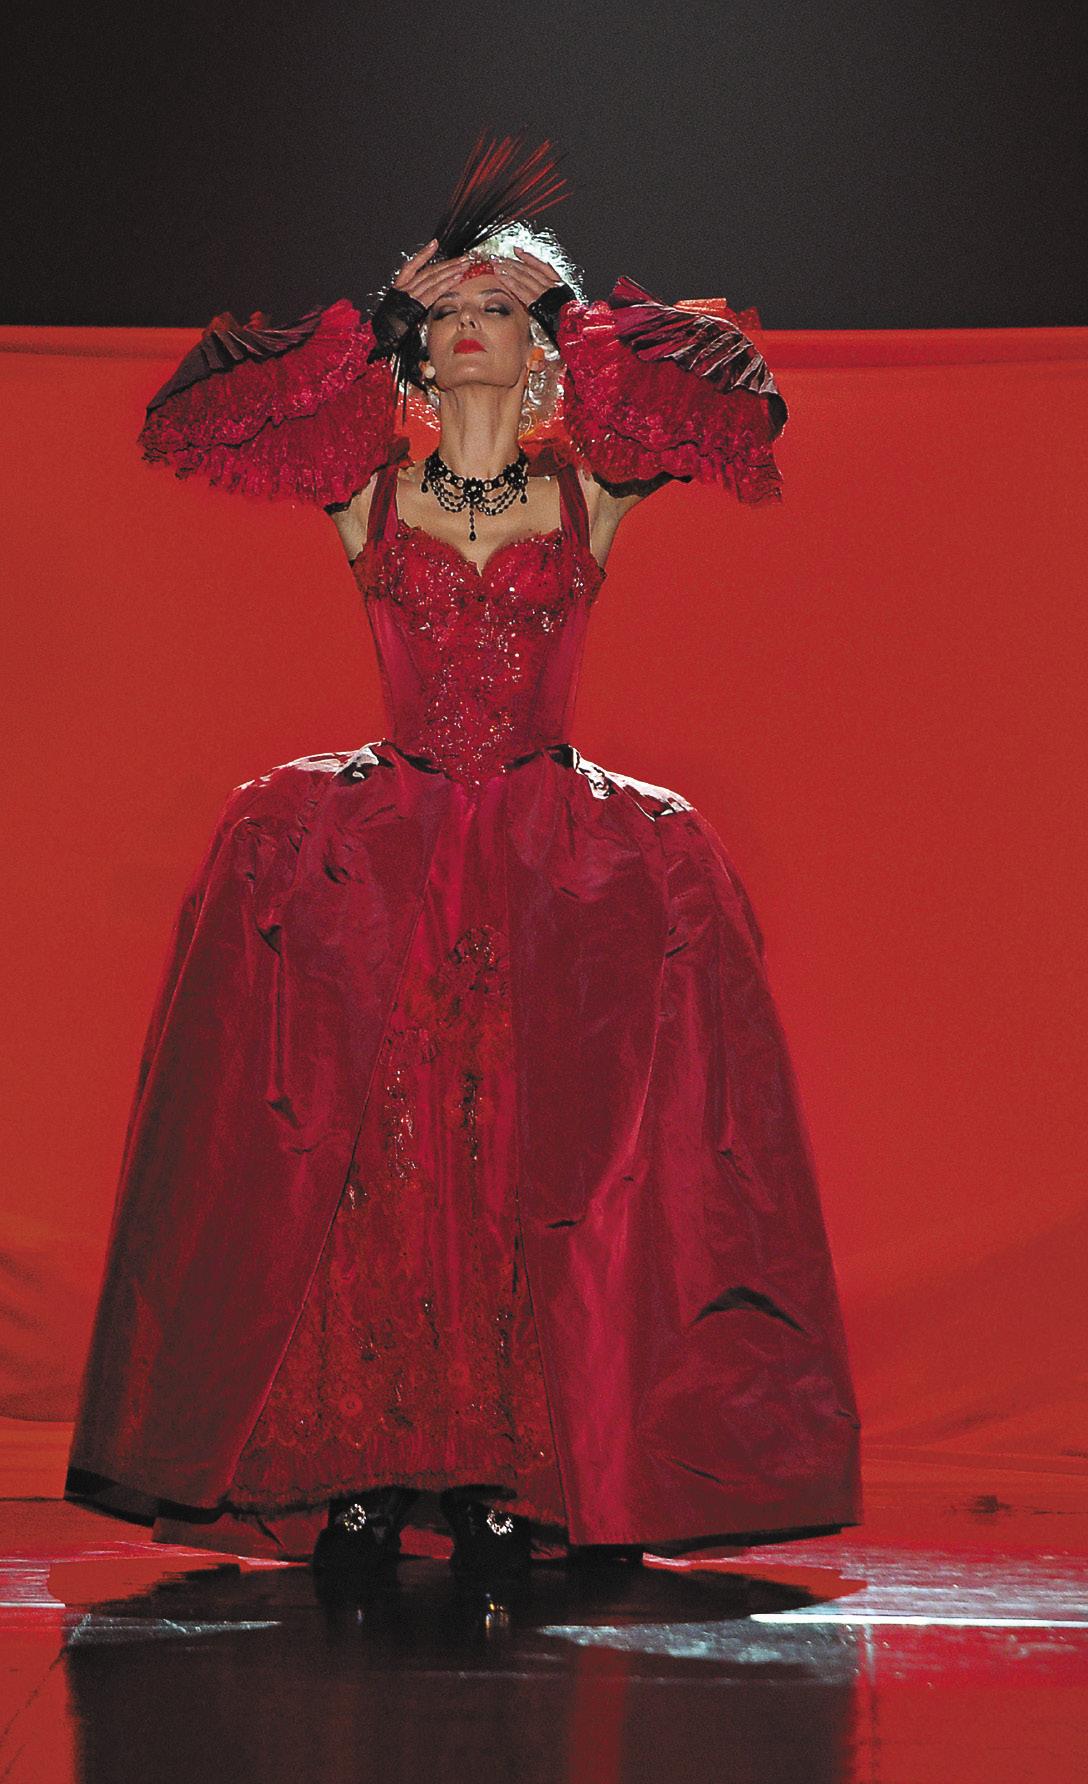 С песней по жизни! В роли маркизы де Мертей в сцене из мюзикла «Территория страсти» в постановке Александра Балуева в Театре эстрады.